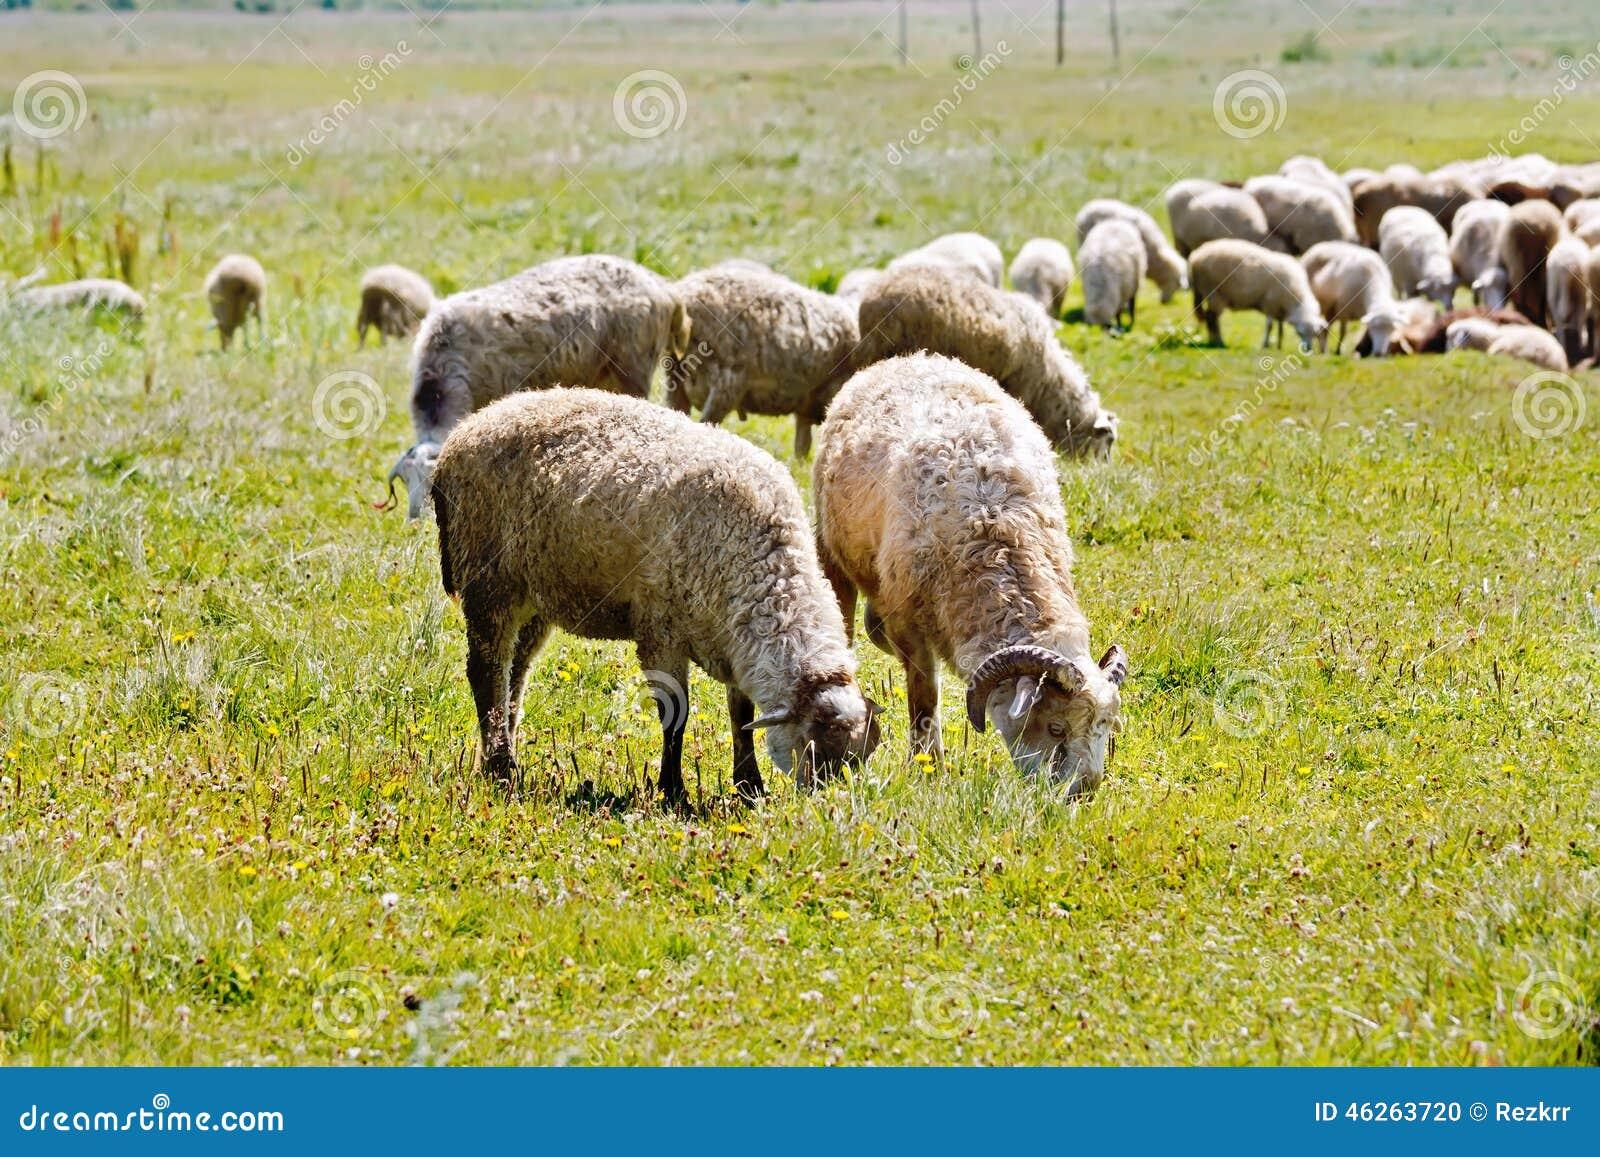 White sheep herd - photo#12